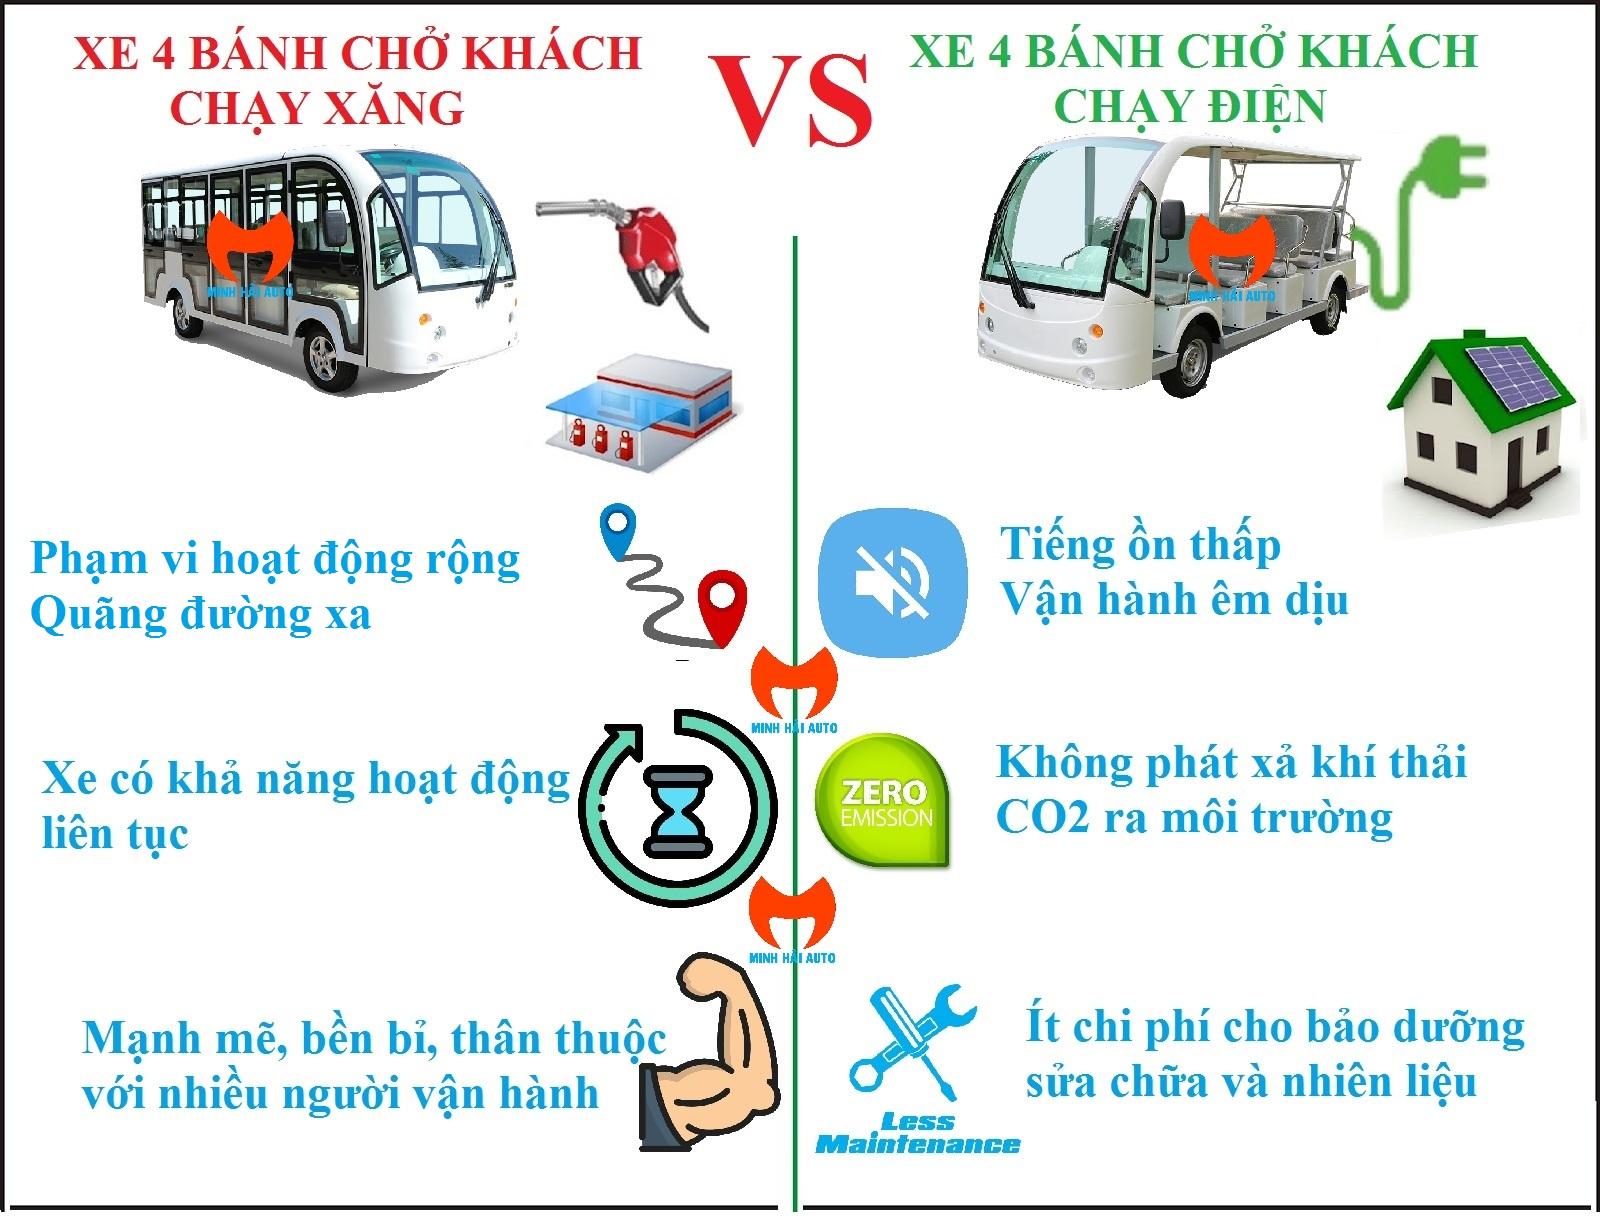 So sánh xe khách chạy điện với chạy xăng